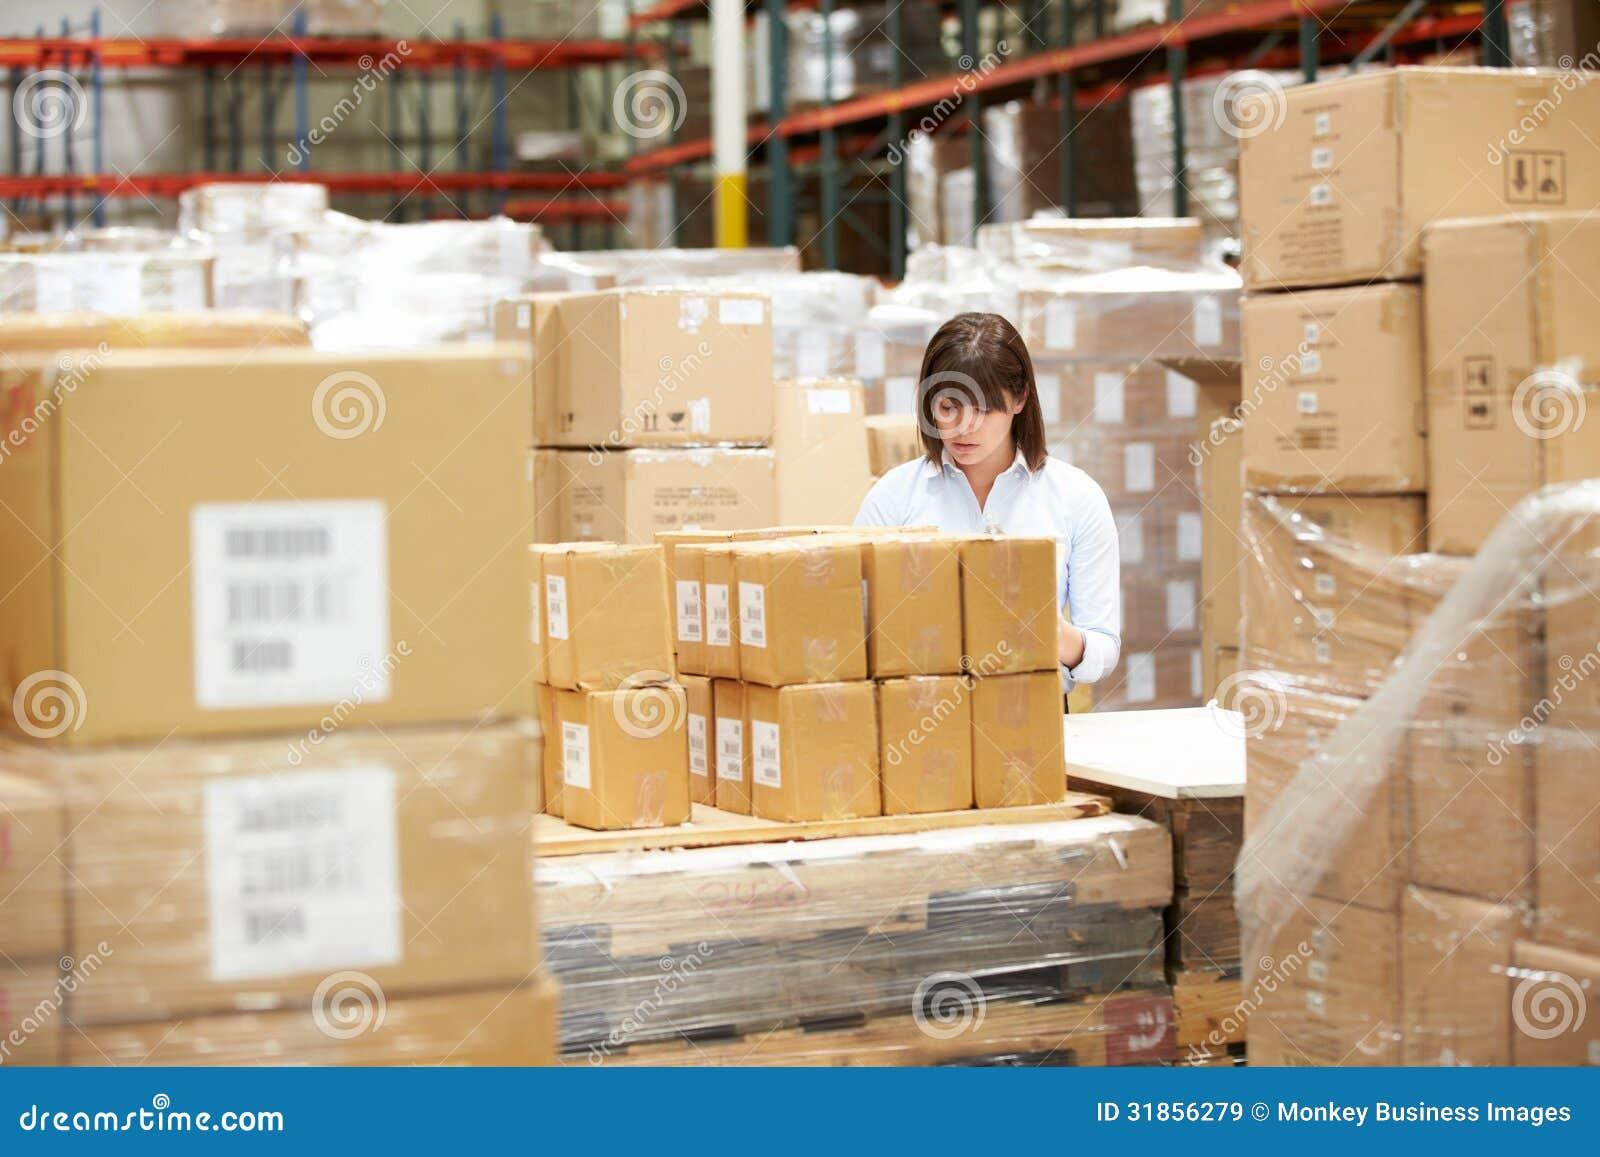 工作者在仓库里物品为急件做准备